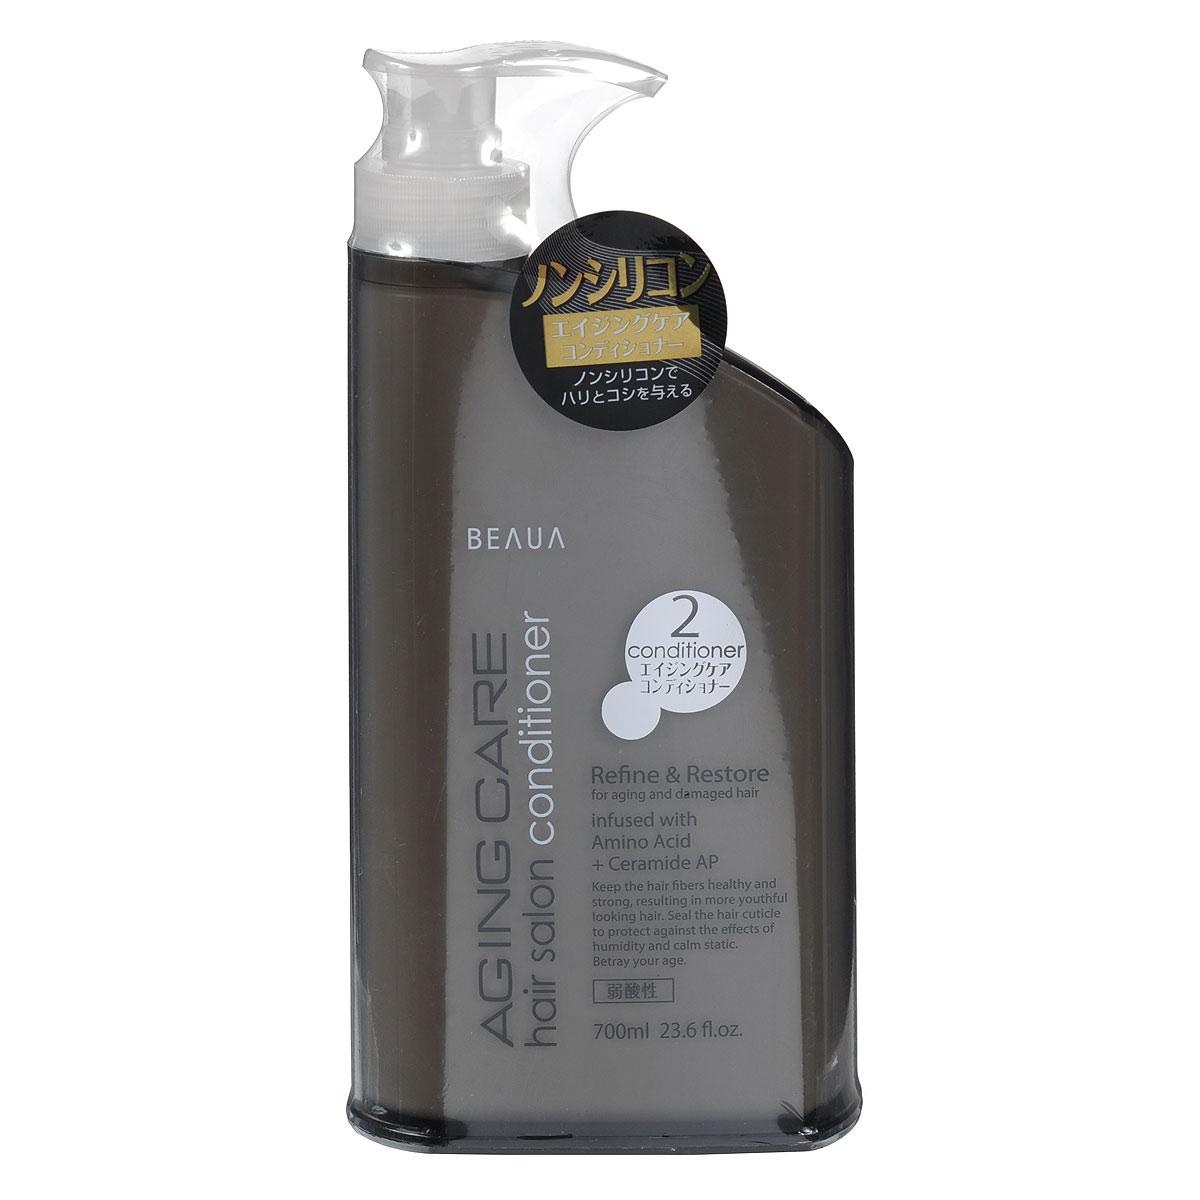 Beaua Кондиционер для волос Aging Care, антивозрастной, 700 мл017436Кондиционер позволяет комплексно ухаживать за волосами, сохраняя природный блеск, здоровье волос. Волосы защищены от негативного воздействия окружающей среды, от влияния ультрафиолета. - Маточное молочко – содержит много витаминов, особенно группы В, аминокислот, высокоактивных веществ, которые характеризируют его как биокатализатор жизненных процессов. В молочке выявлено много ферментов (инвертаза, амилаза, глюкозооксидаза, холинестераза и другие), биоптерин, карбоновые и оксикарбоновые кислоты. Большое значение имеют макро- и микроэлементы, которые содержатся в сравнительно больших количествах (калий, натрий, кальций, фосфор, магний, железо, марганец, медь, никель, кобальт, кремний, хром, висмут). Благодаря такому богатому составу, шампунь на основе маточного молочка оздоравливает и омолаживает волосы, восстанавливая их жизненную силу и улучшает рост. - Гидролизованные протеины шелка - это биологически активные вещества, которые получают методом гидролиза из...